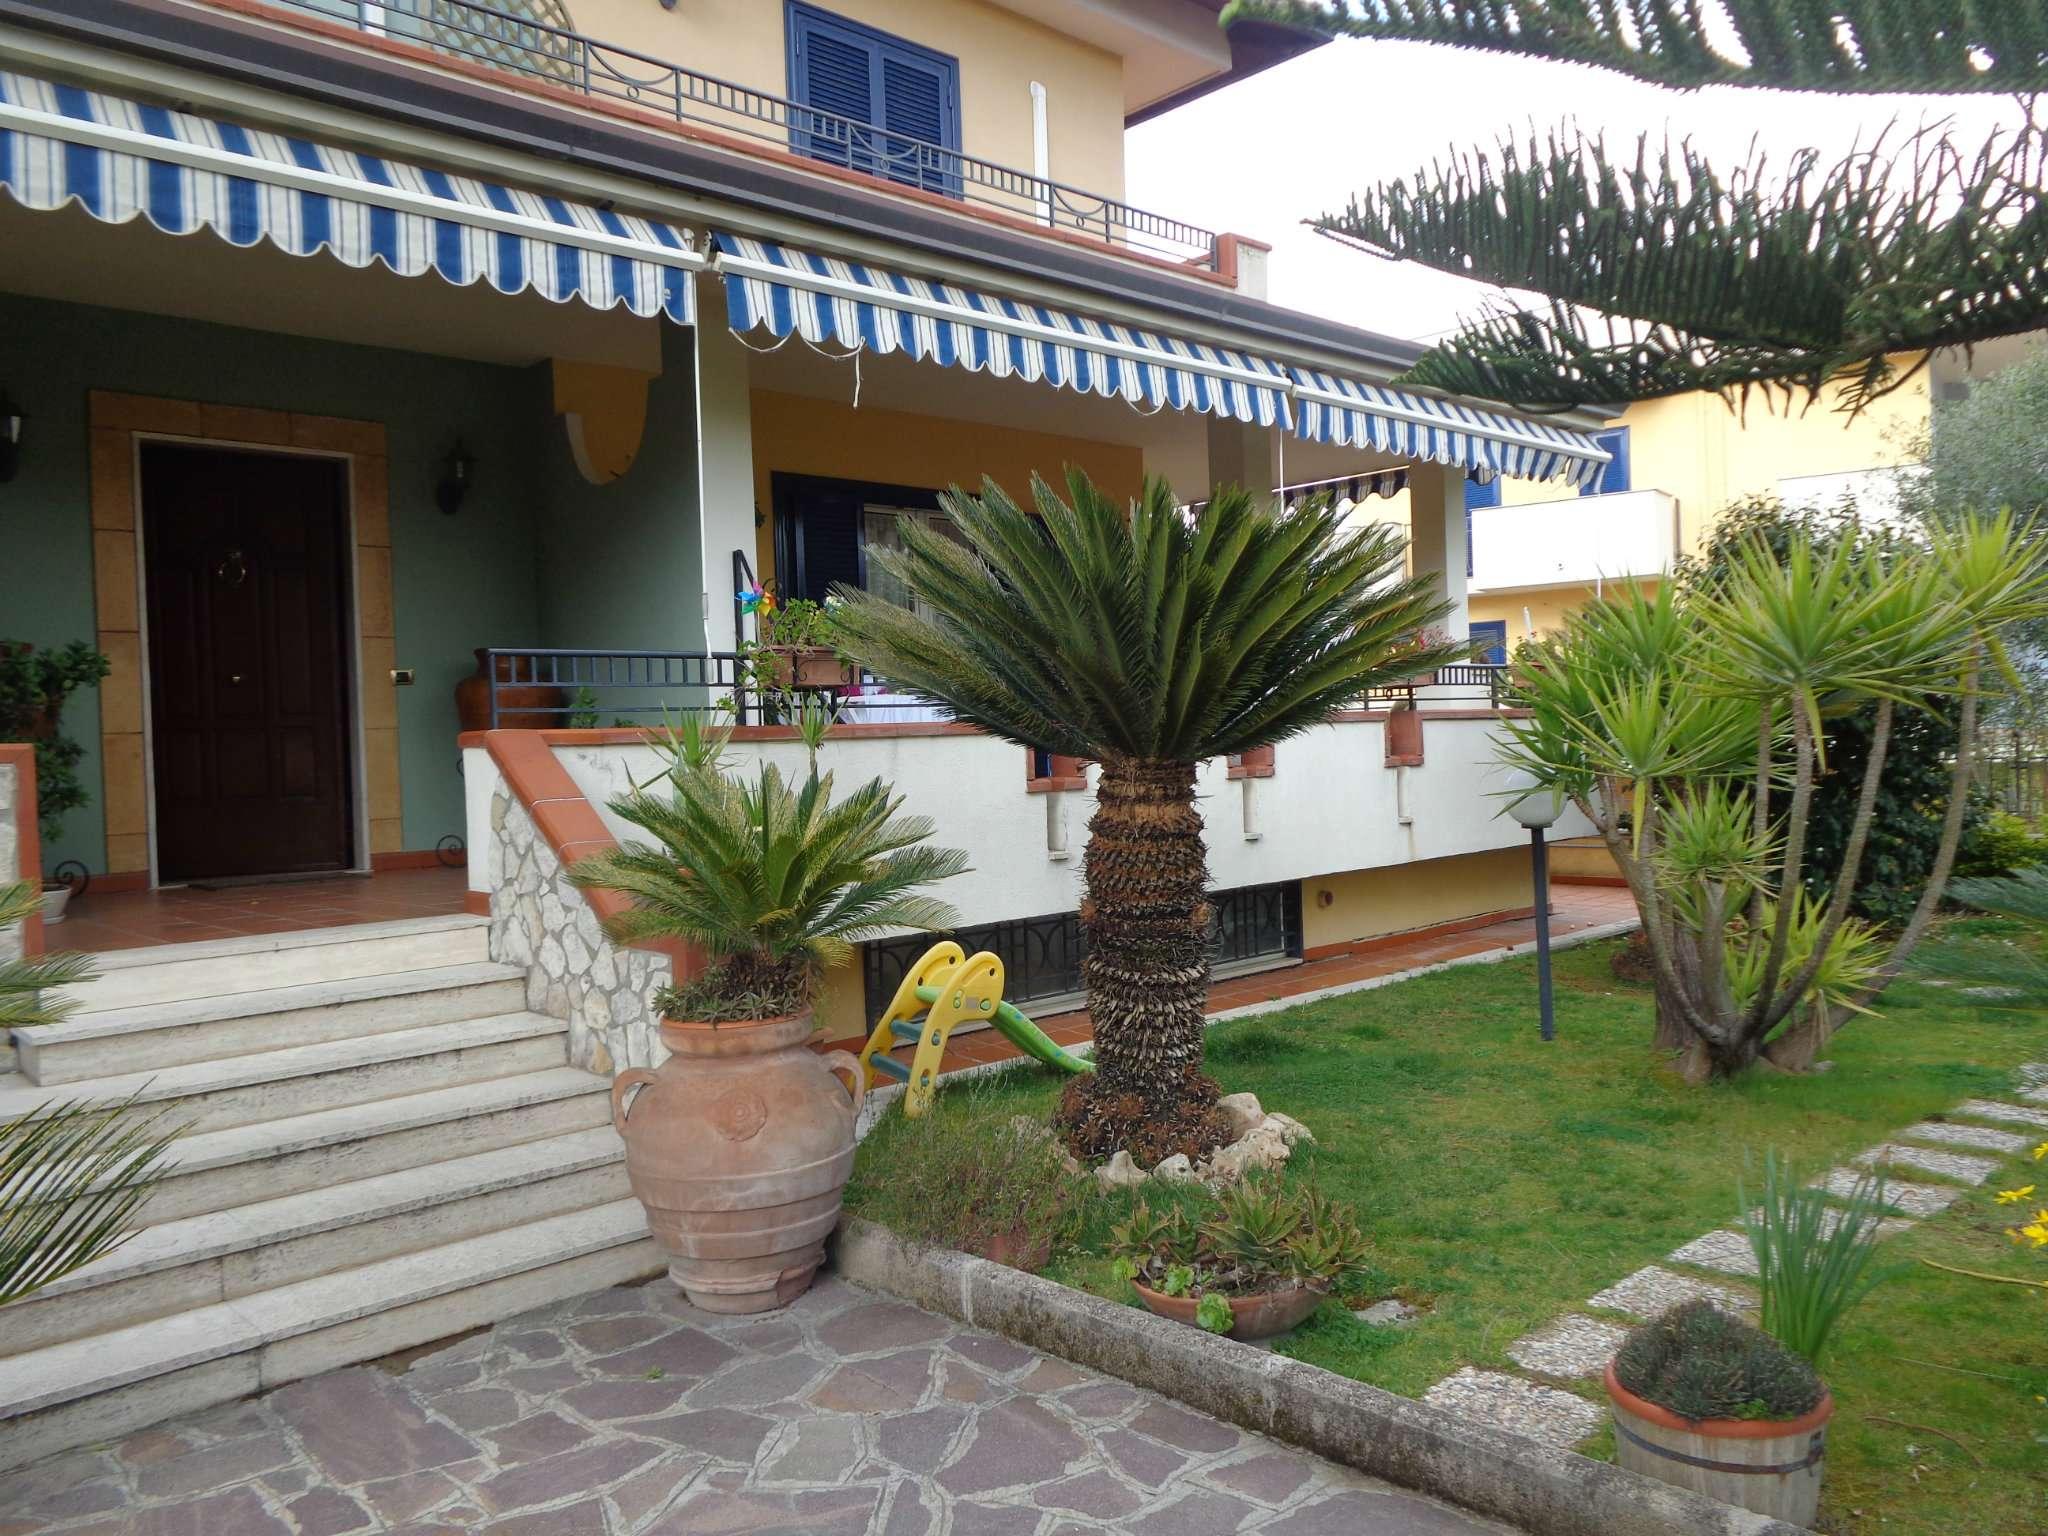 Villa casa in vendita a marano di napoli na ville for Case in vendita napoli